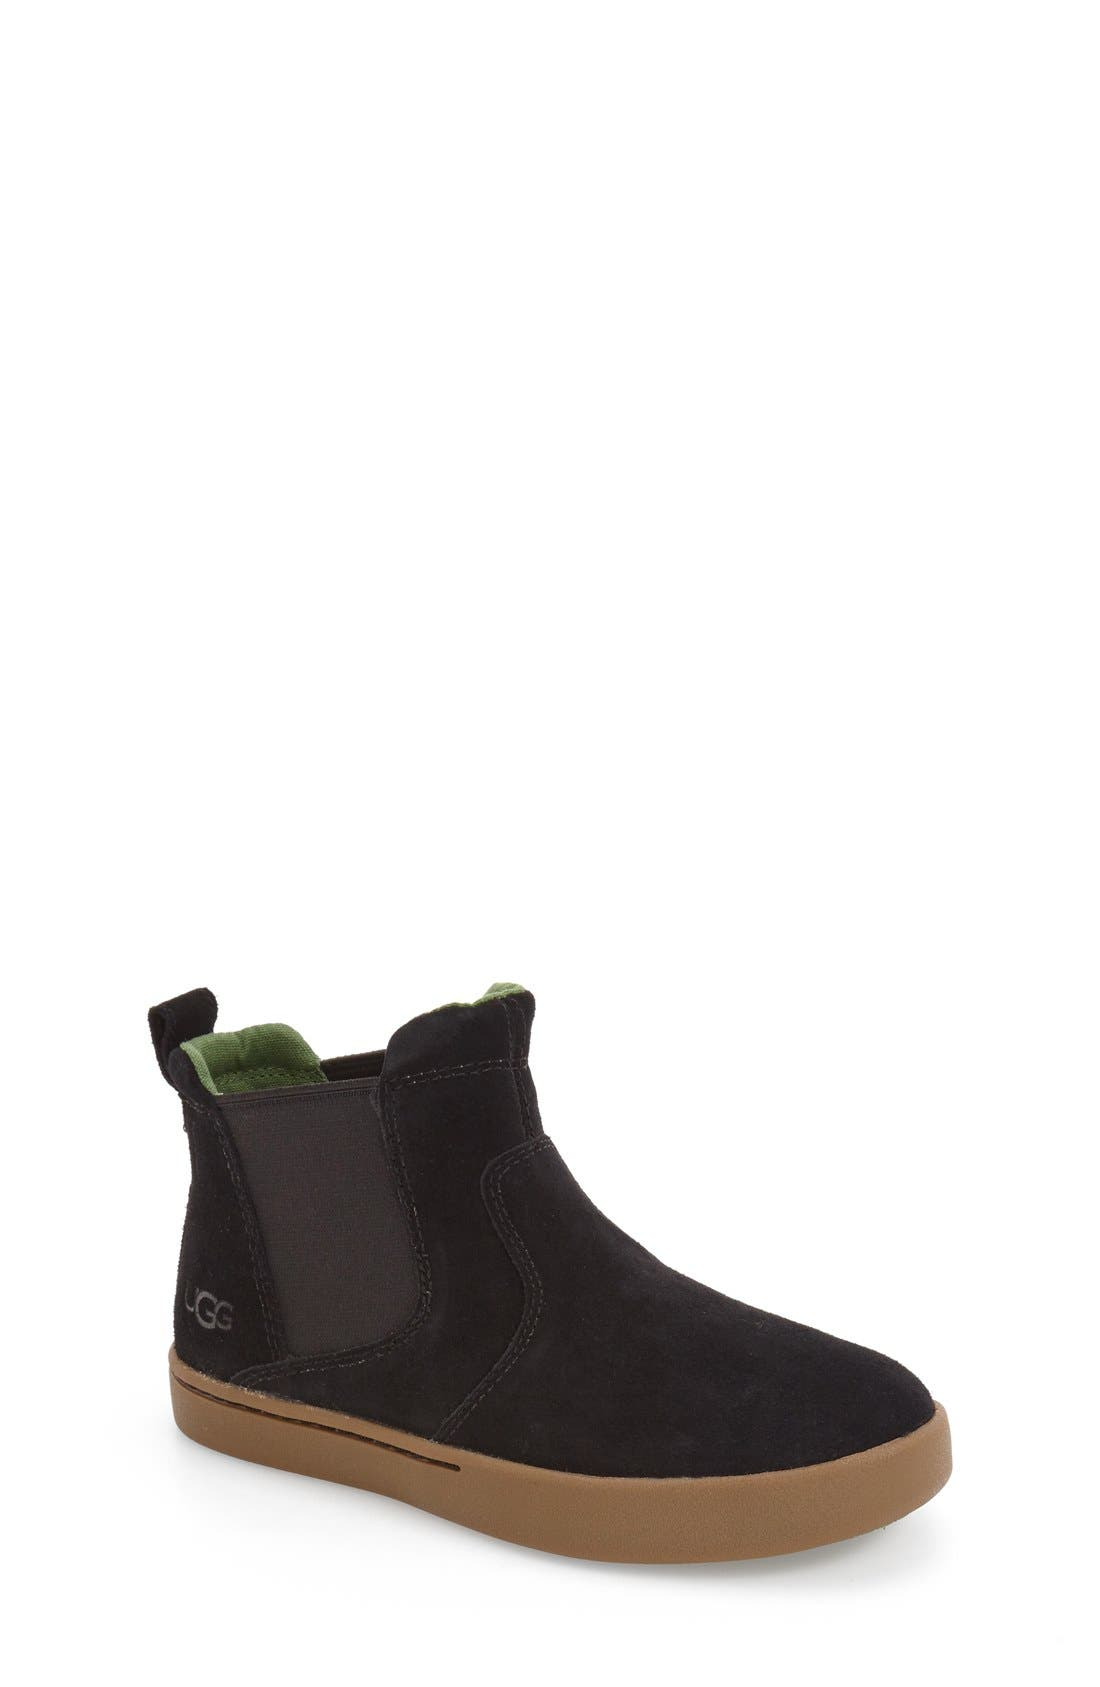 Hamden Sneaker,                         Main,                         color,